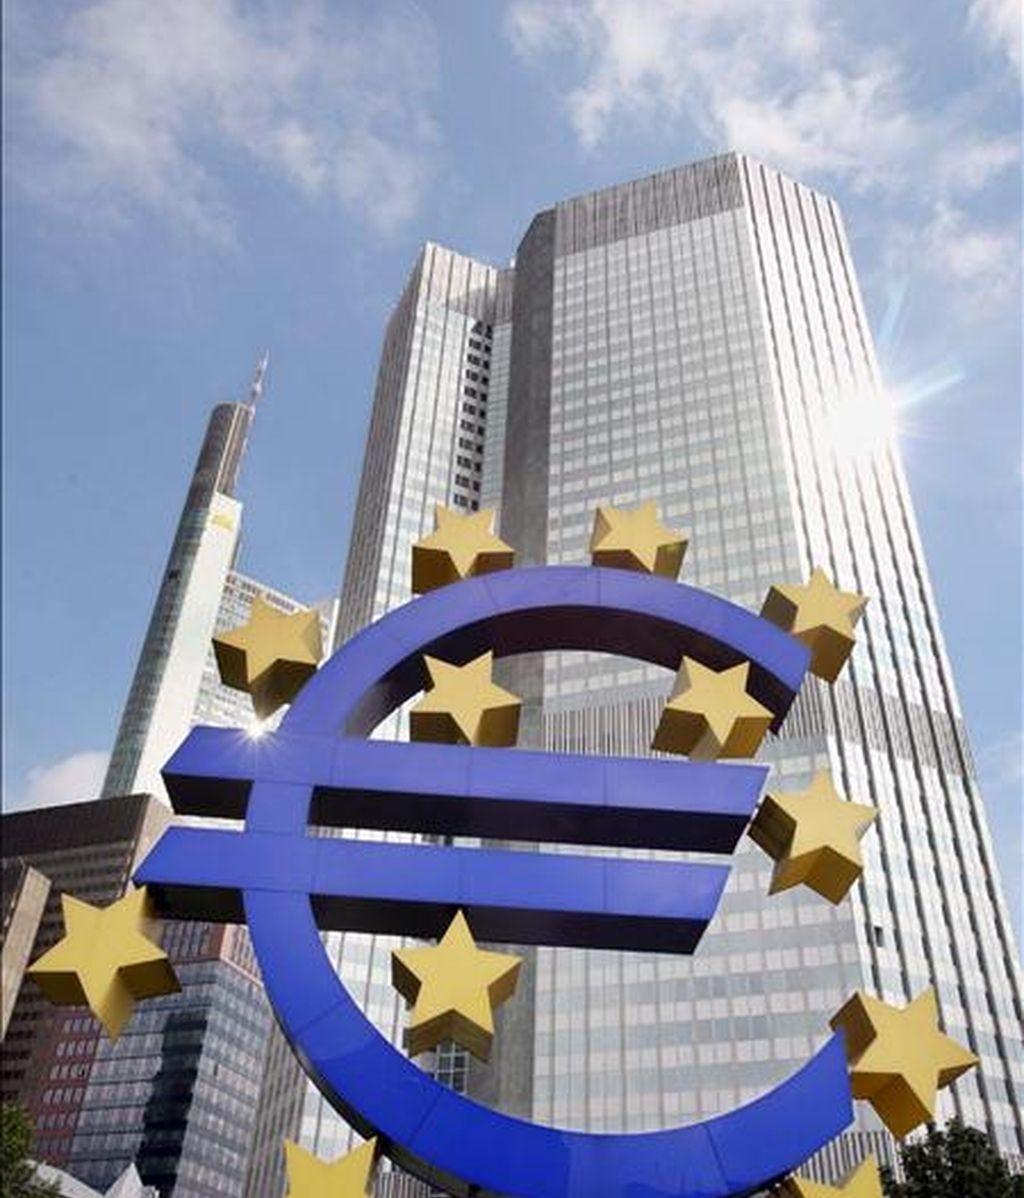 La fachada de la sede del Banco Central Europeo (BCE) en Fráncfort (Alemania). EFE/Archivo